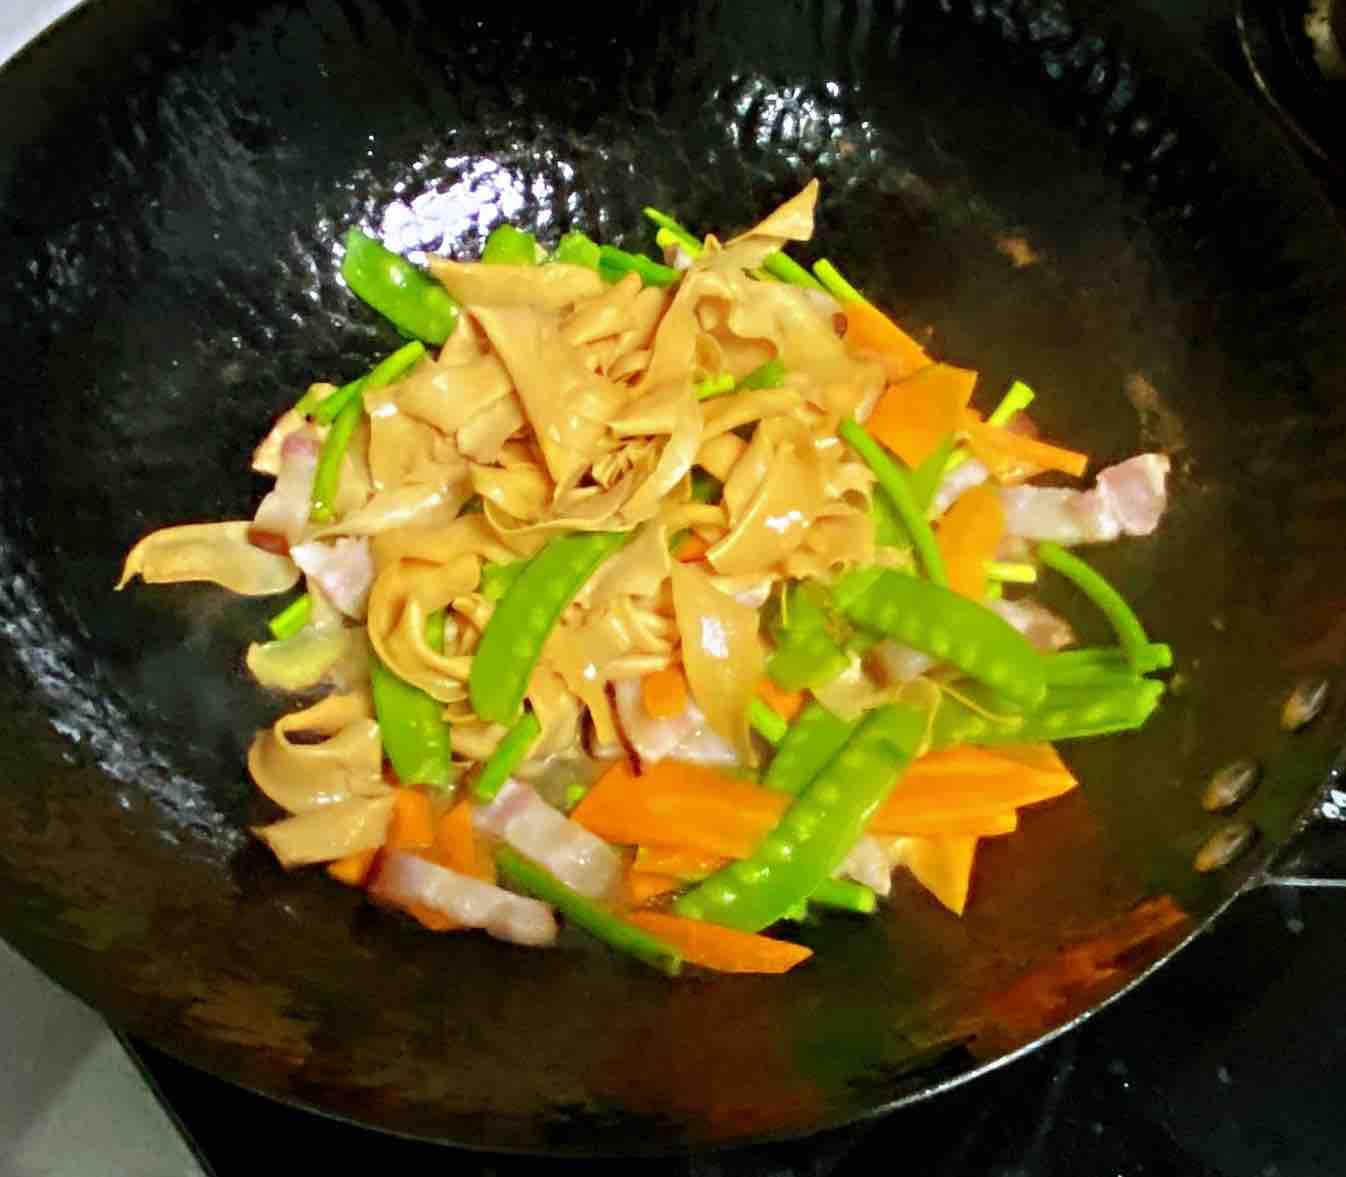 【孕妇食谱】腊肉杏鲍菇炒荷兰豆,口感劲道,腊味扑鼻,色香又味美怎么煮